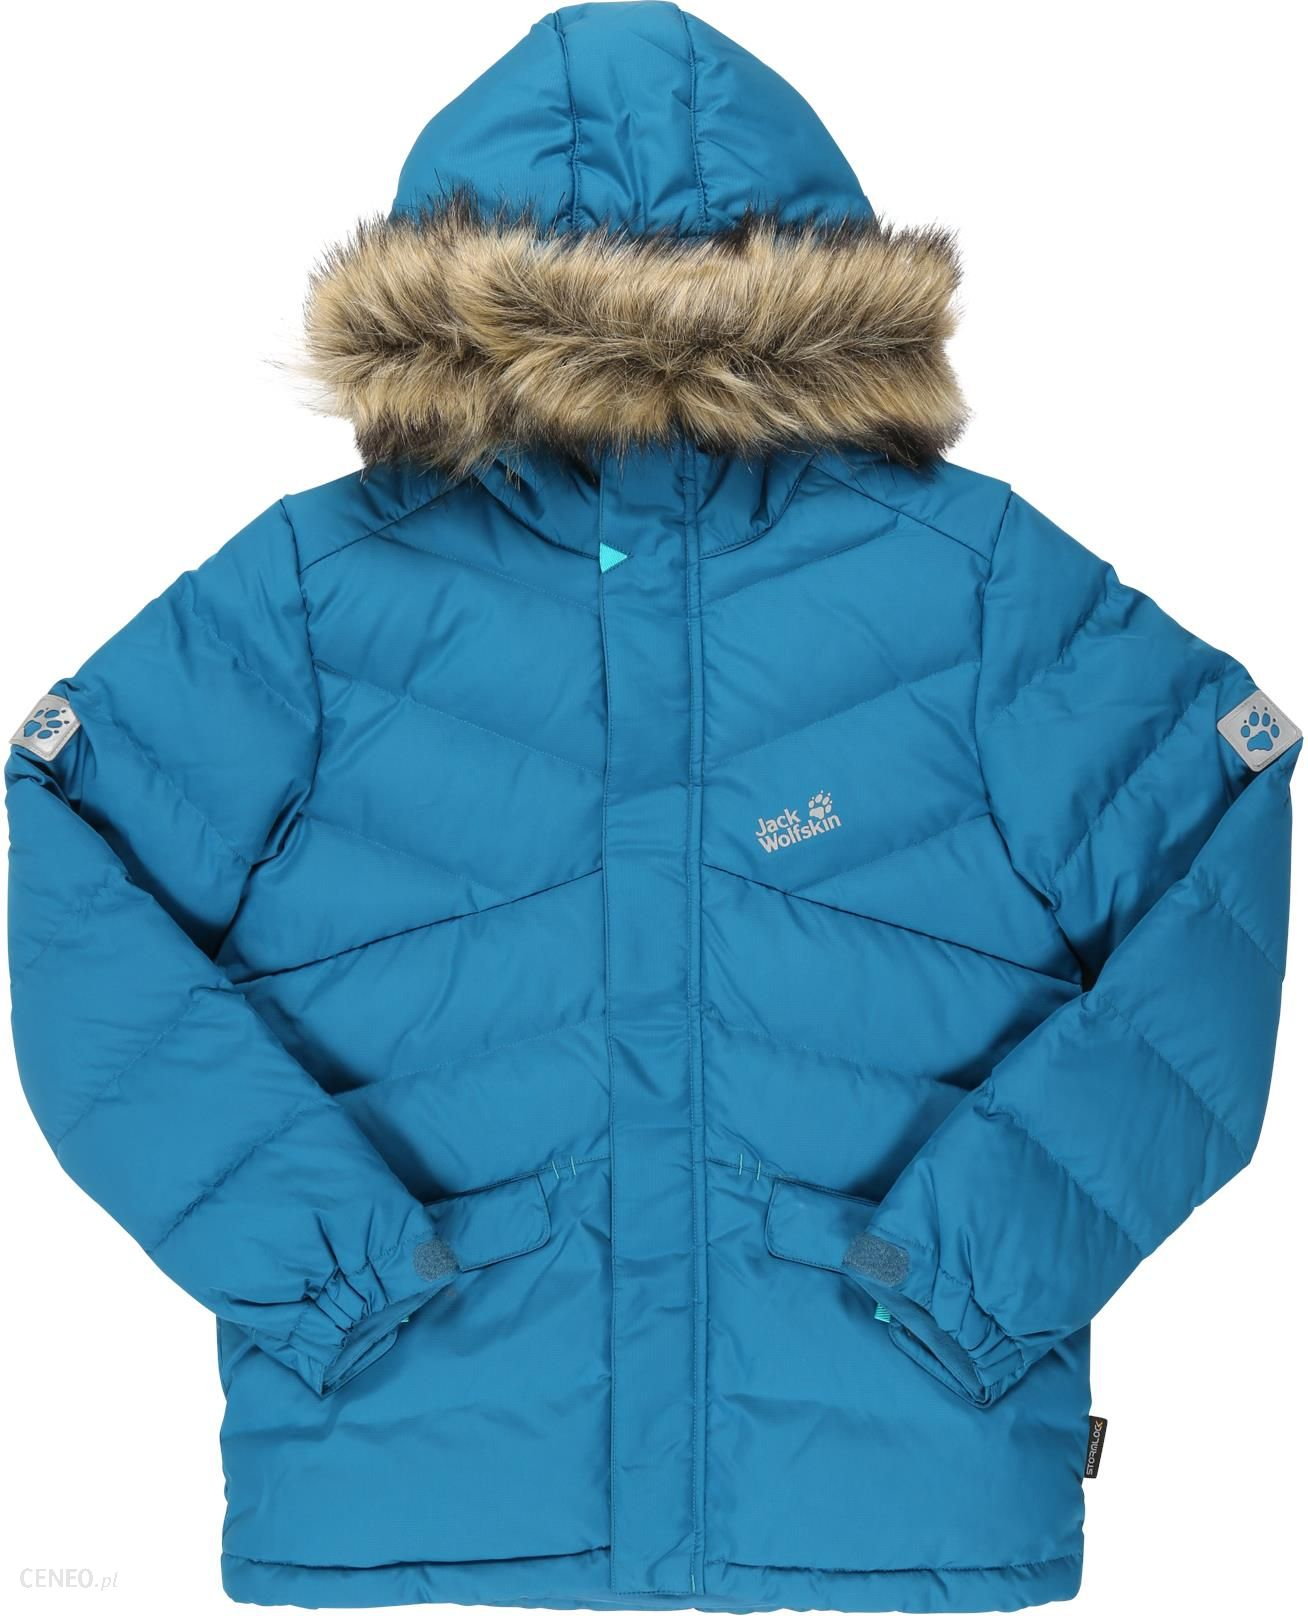 dla całej rodziny style mody kody promocyjne Kurtka zimowa 'ICEFJORD' JACK WOLFSKIN - Ceny i opinie - Ceneo.pl